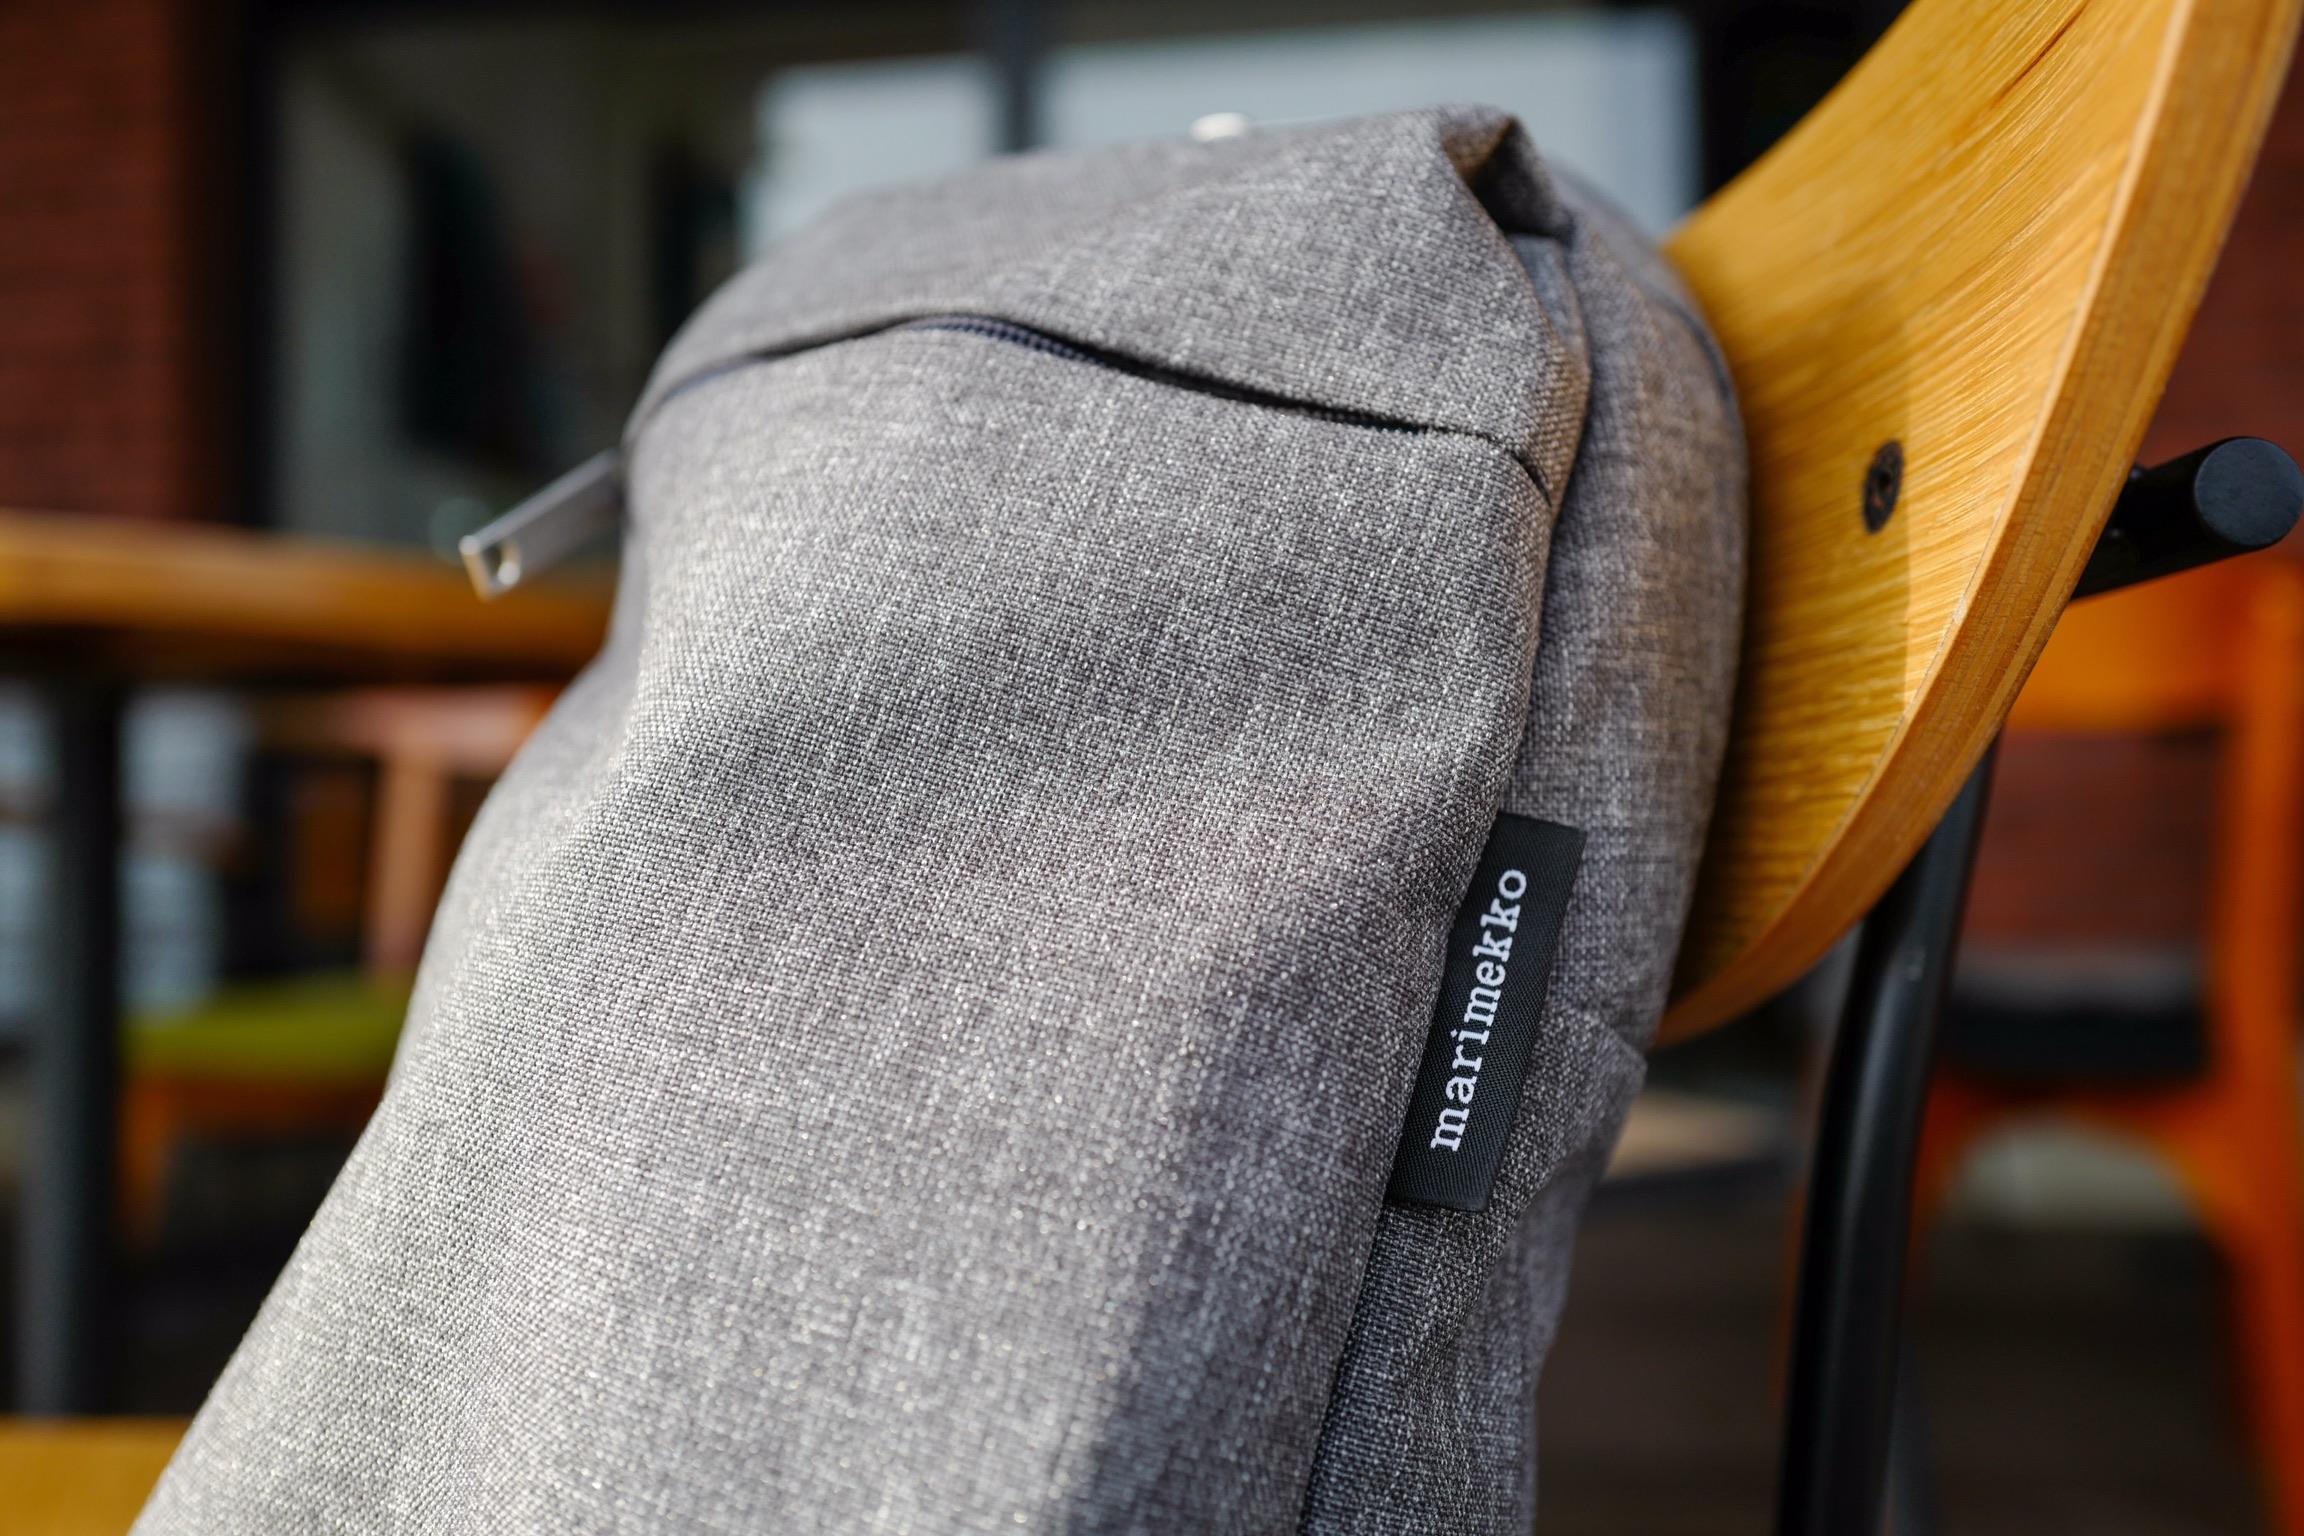 マリメッコのボディバッグ「コルッテリ」をレビュー!アラフィフにも使いやすい、ミニマリスト向けバッグ